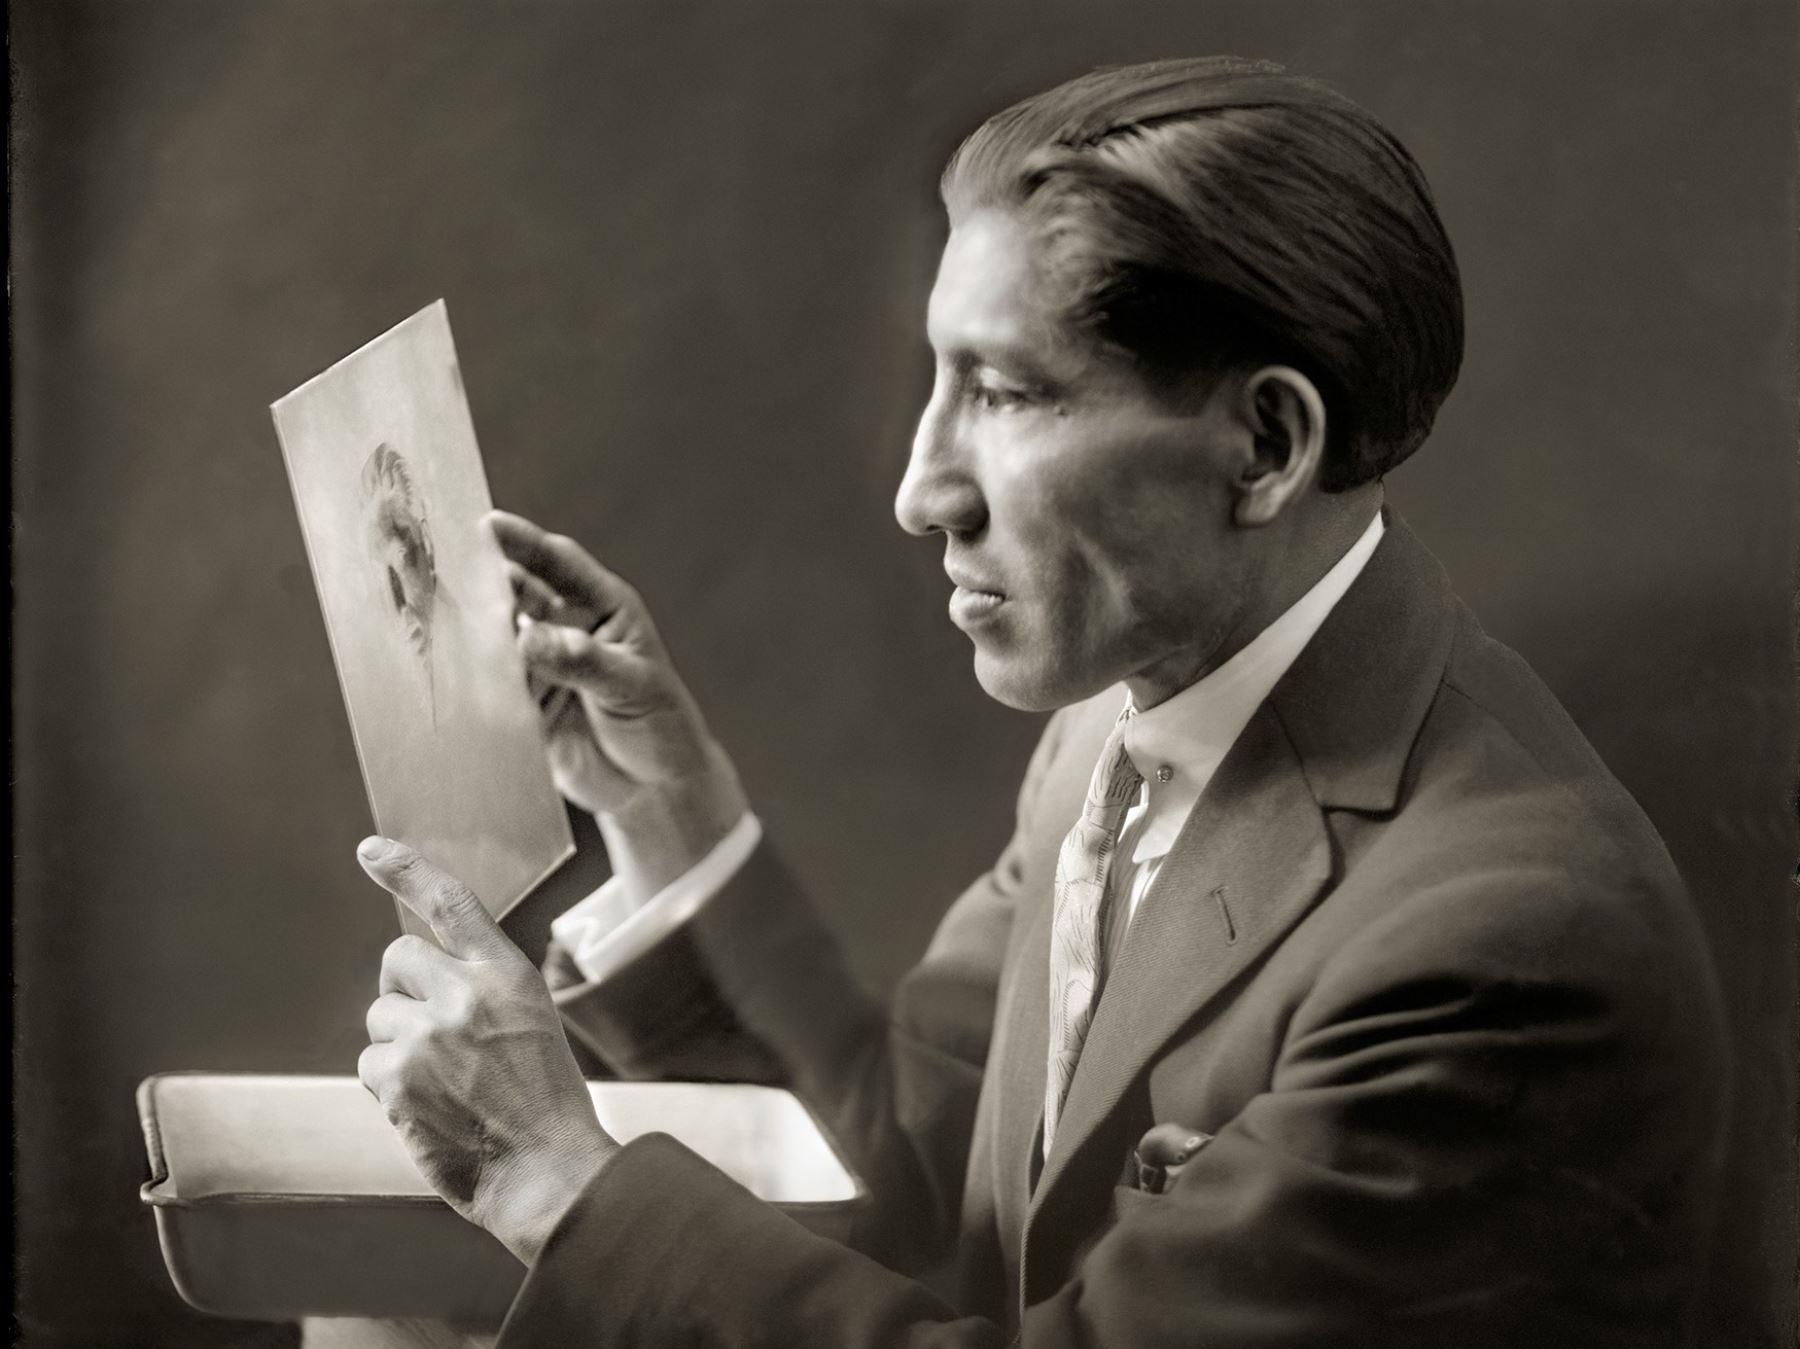 Ministerio de Cultura declaró Patrimonio Cultural de la Nación a la obra fotográfica de Martín Jerónimo Chambi Jiménez.